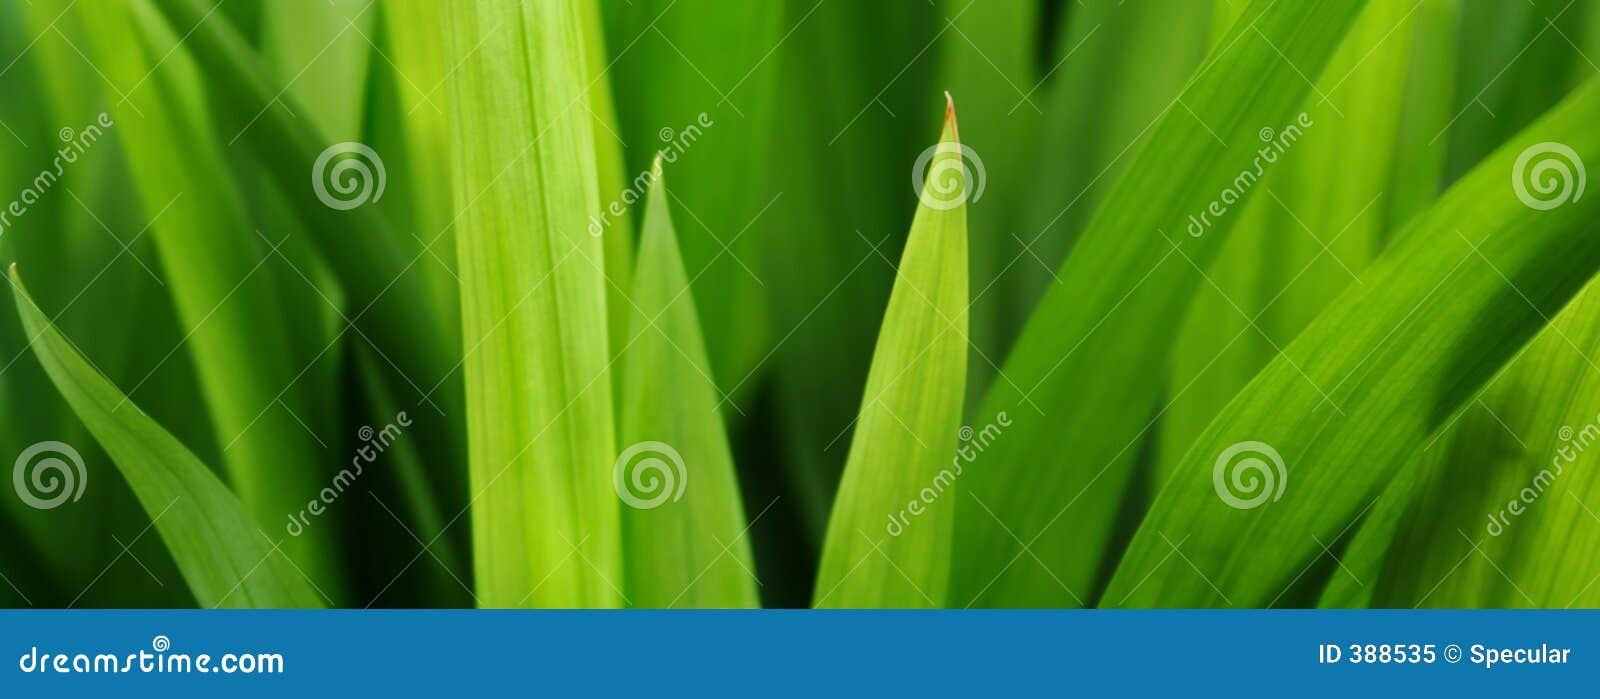 χλόη πιό πράσινη